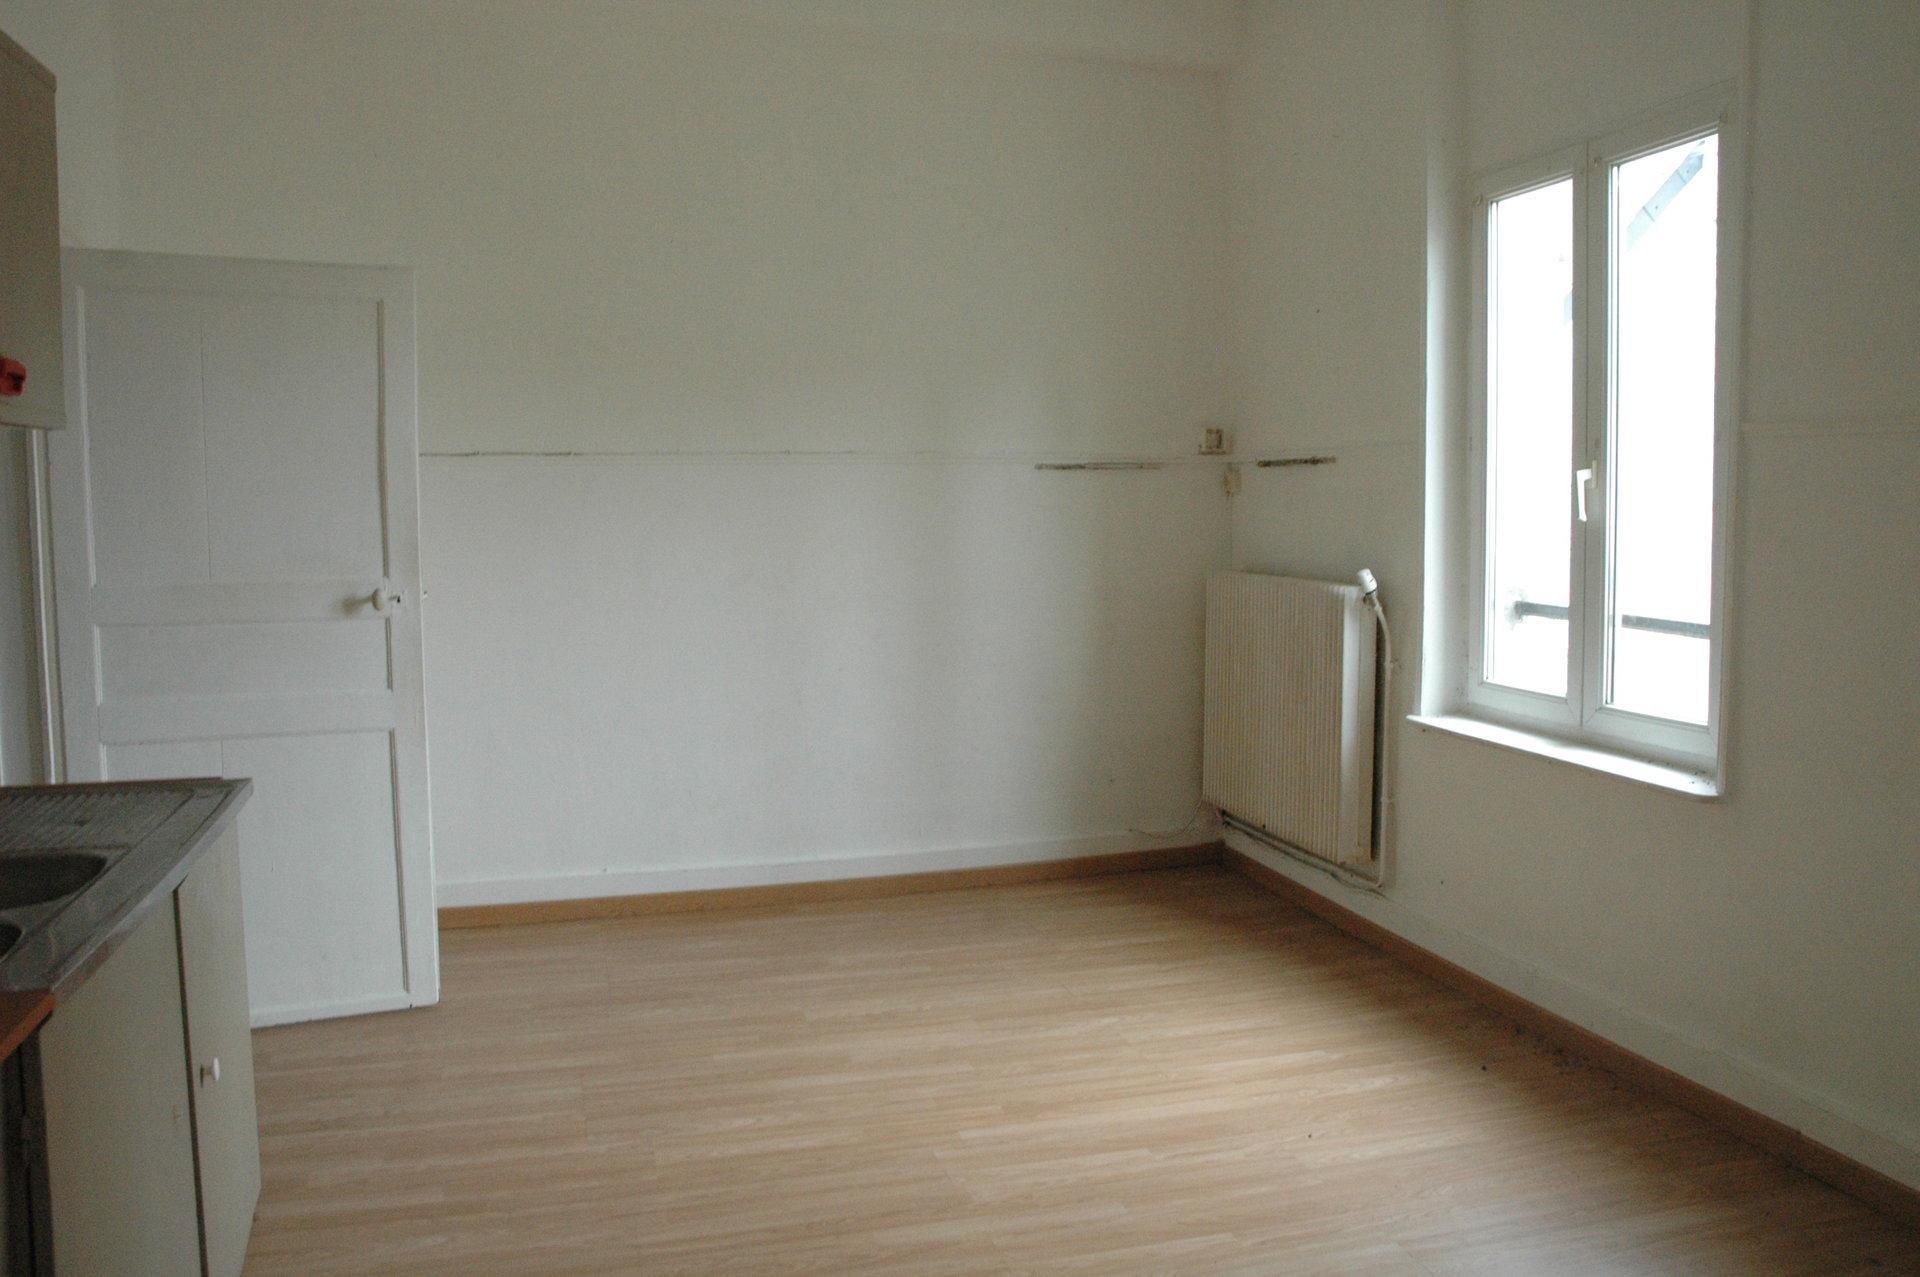 BERLAIMONT : Immeuble 4 logements ou maison à recomposer